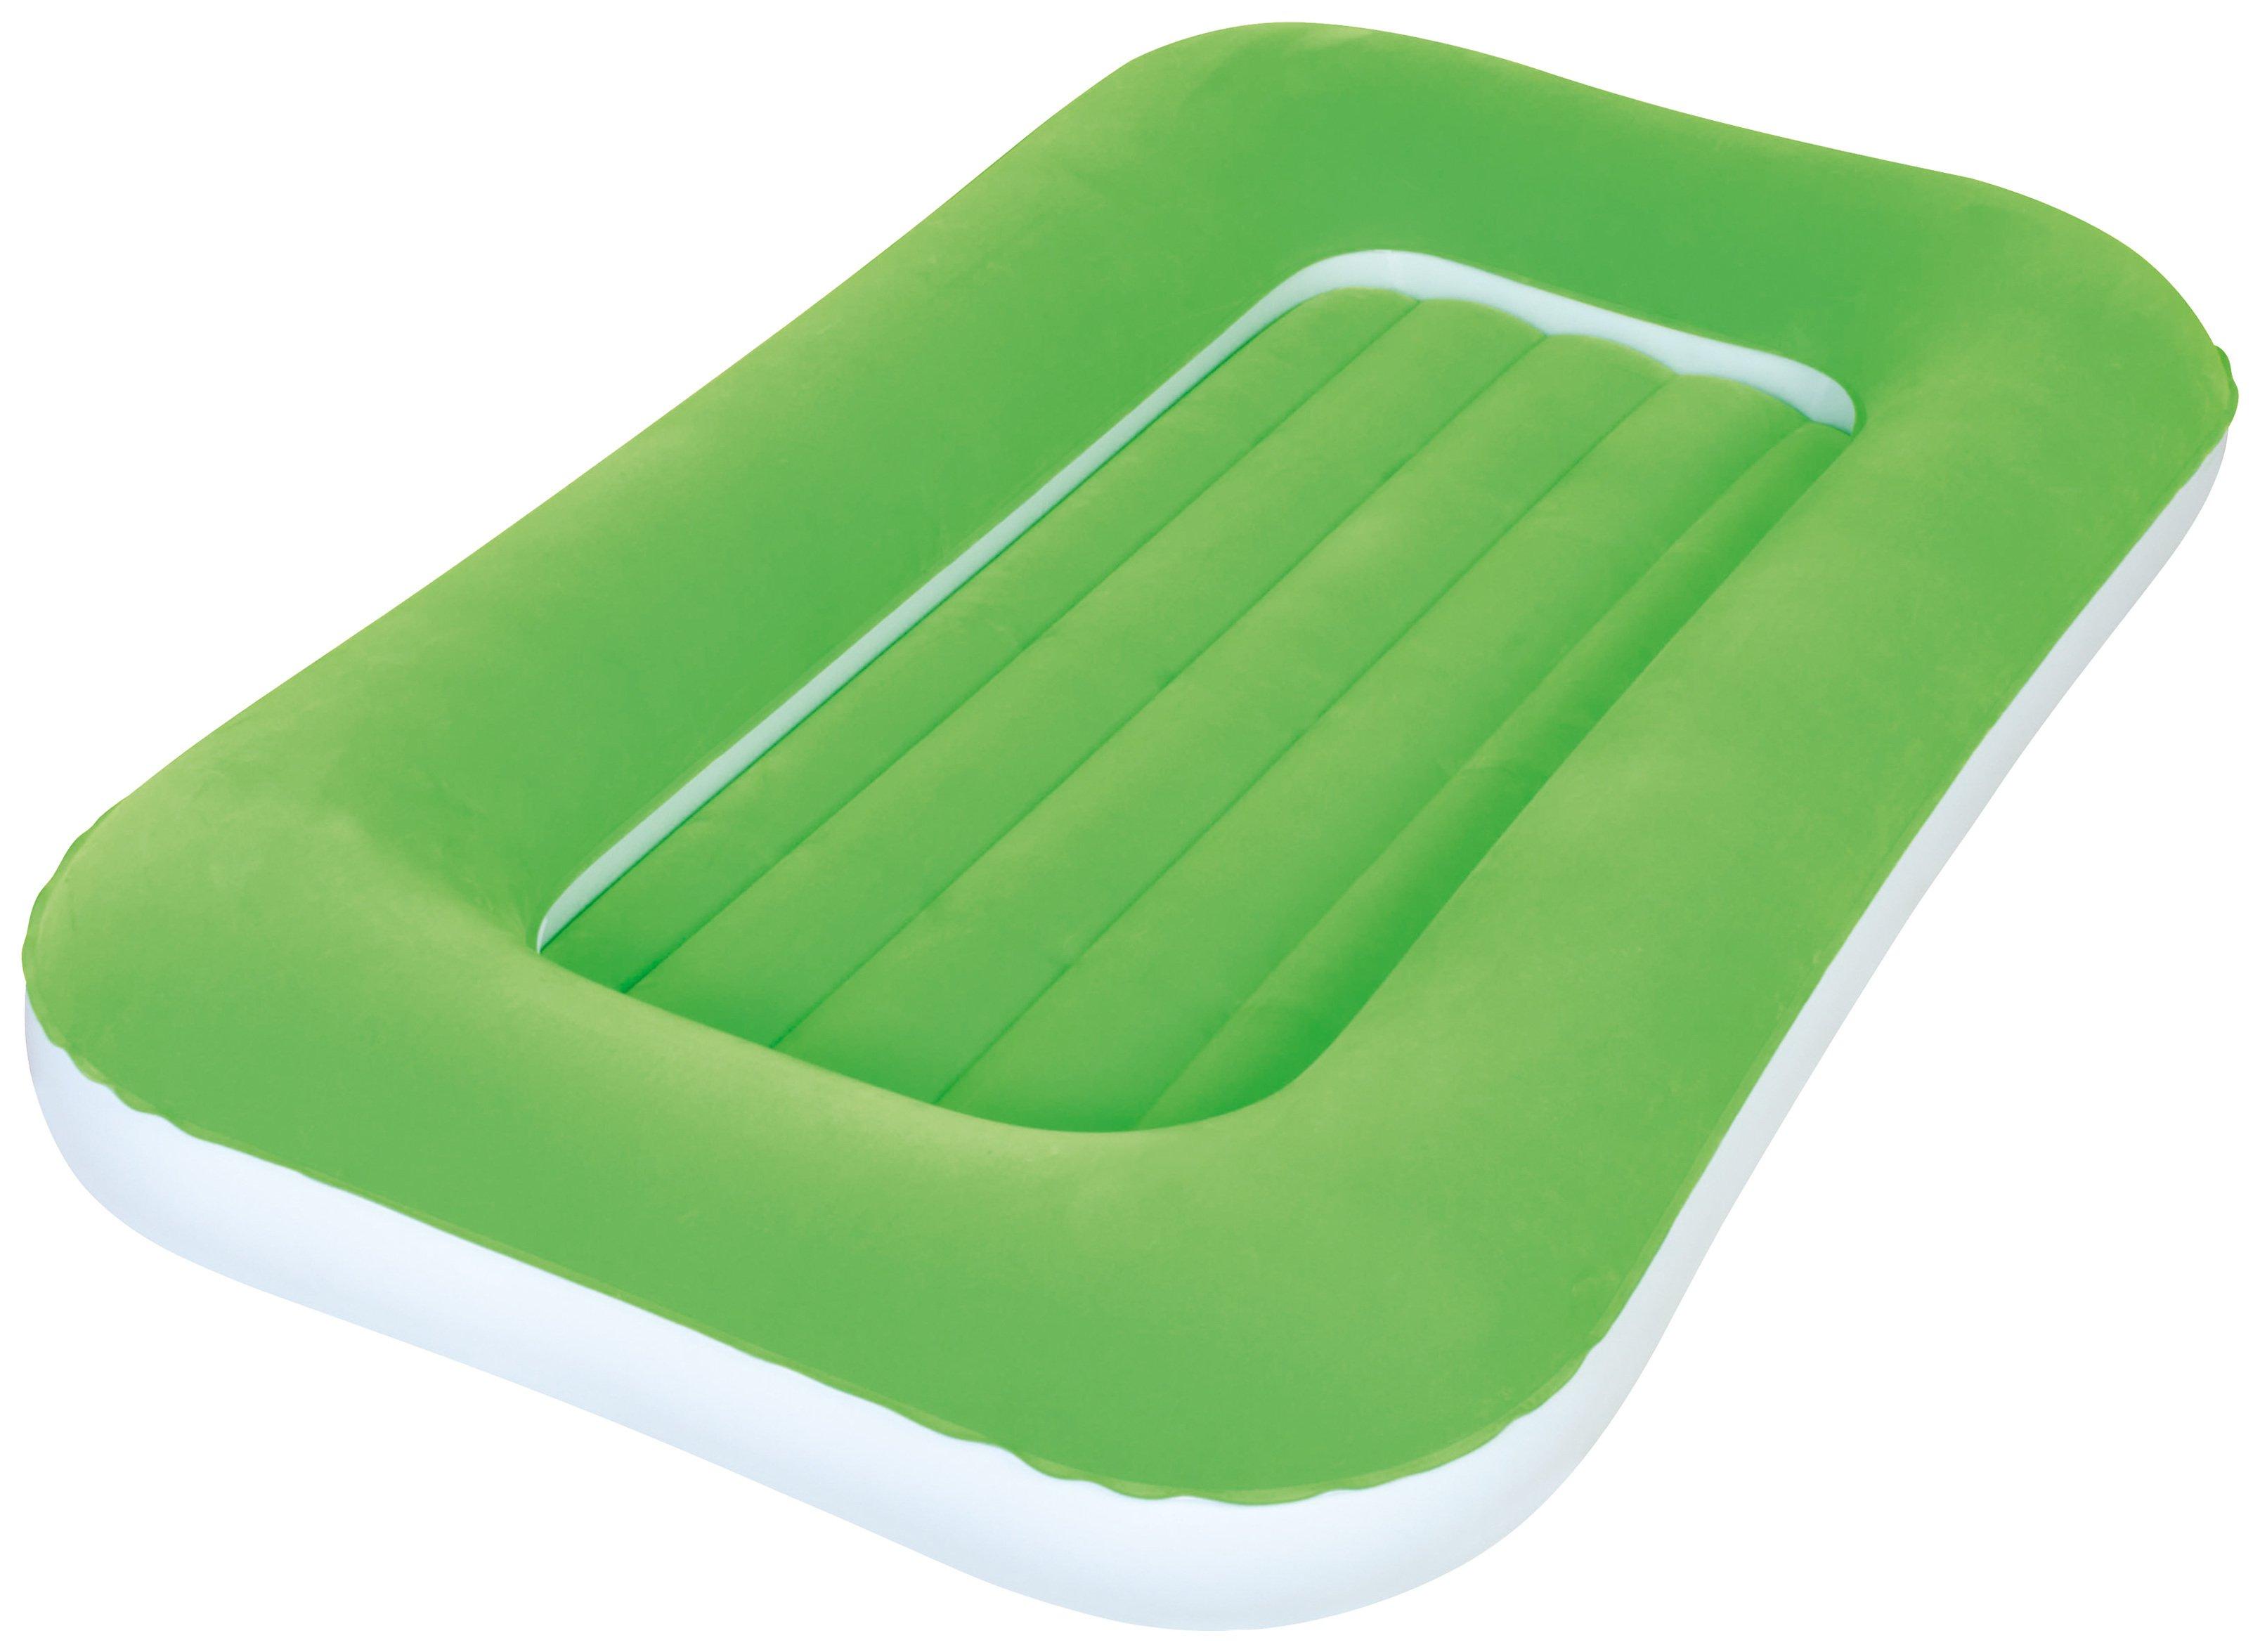 Image of Bestway Kiddie Bed.